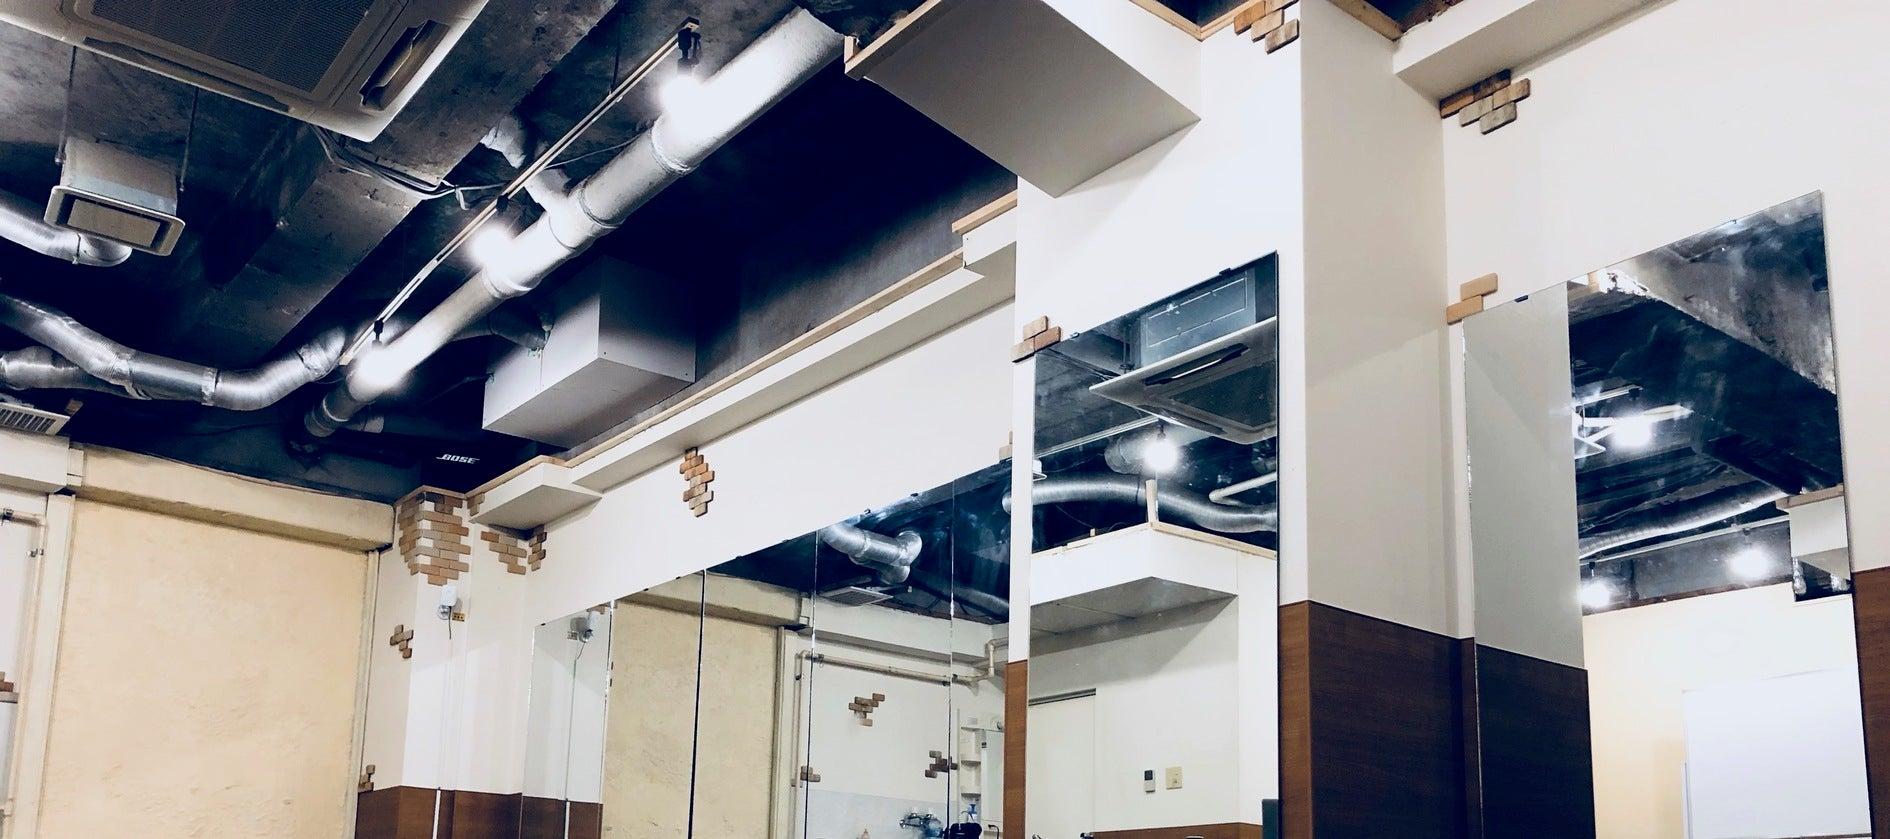 中野駅からアクセス抜群! 中野坂上徒歩7分! 深夜パックあり ダンス 、ヨガ 舞台稽古 A.R.P studio (A.R.P studio) の写真0